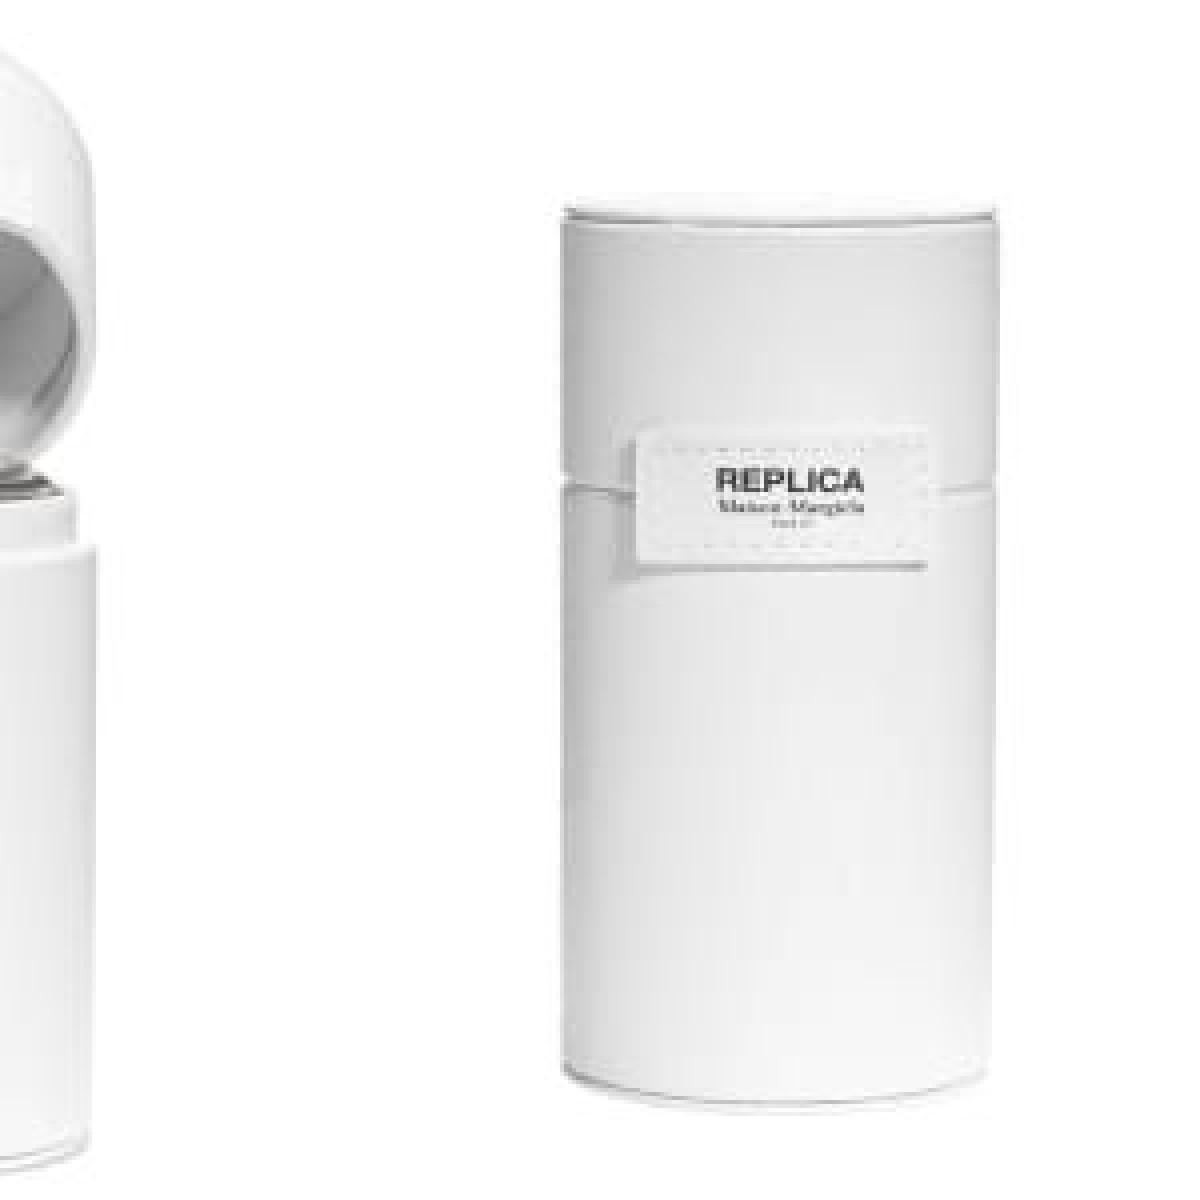 「レプリカ」フレグランスがホリデー限定でケース付き香水を発売 ワントーンのデザインに